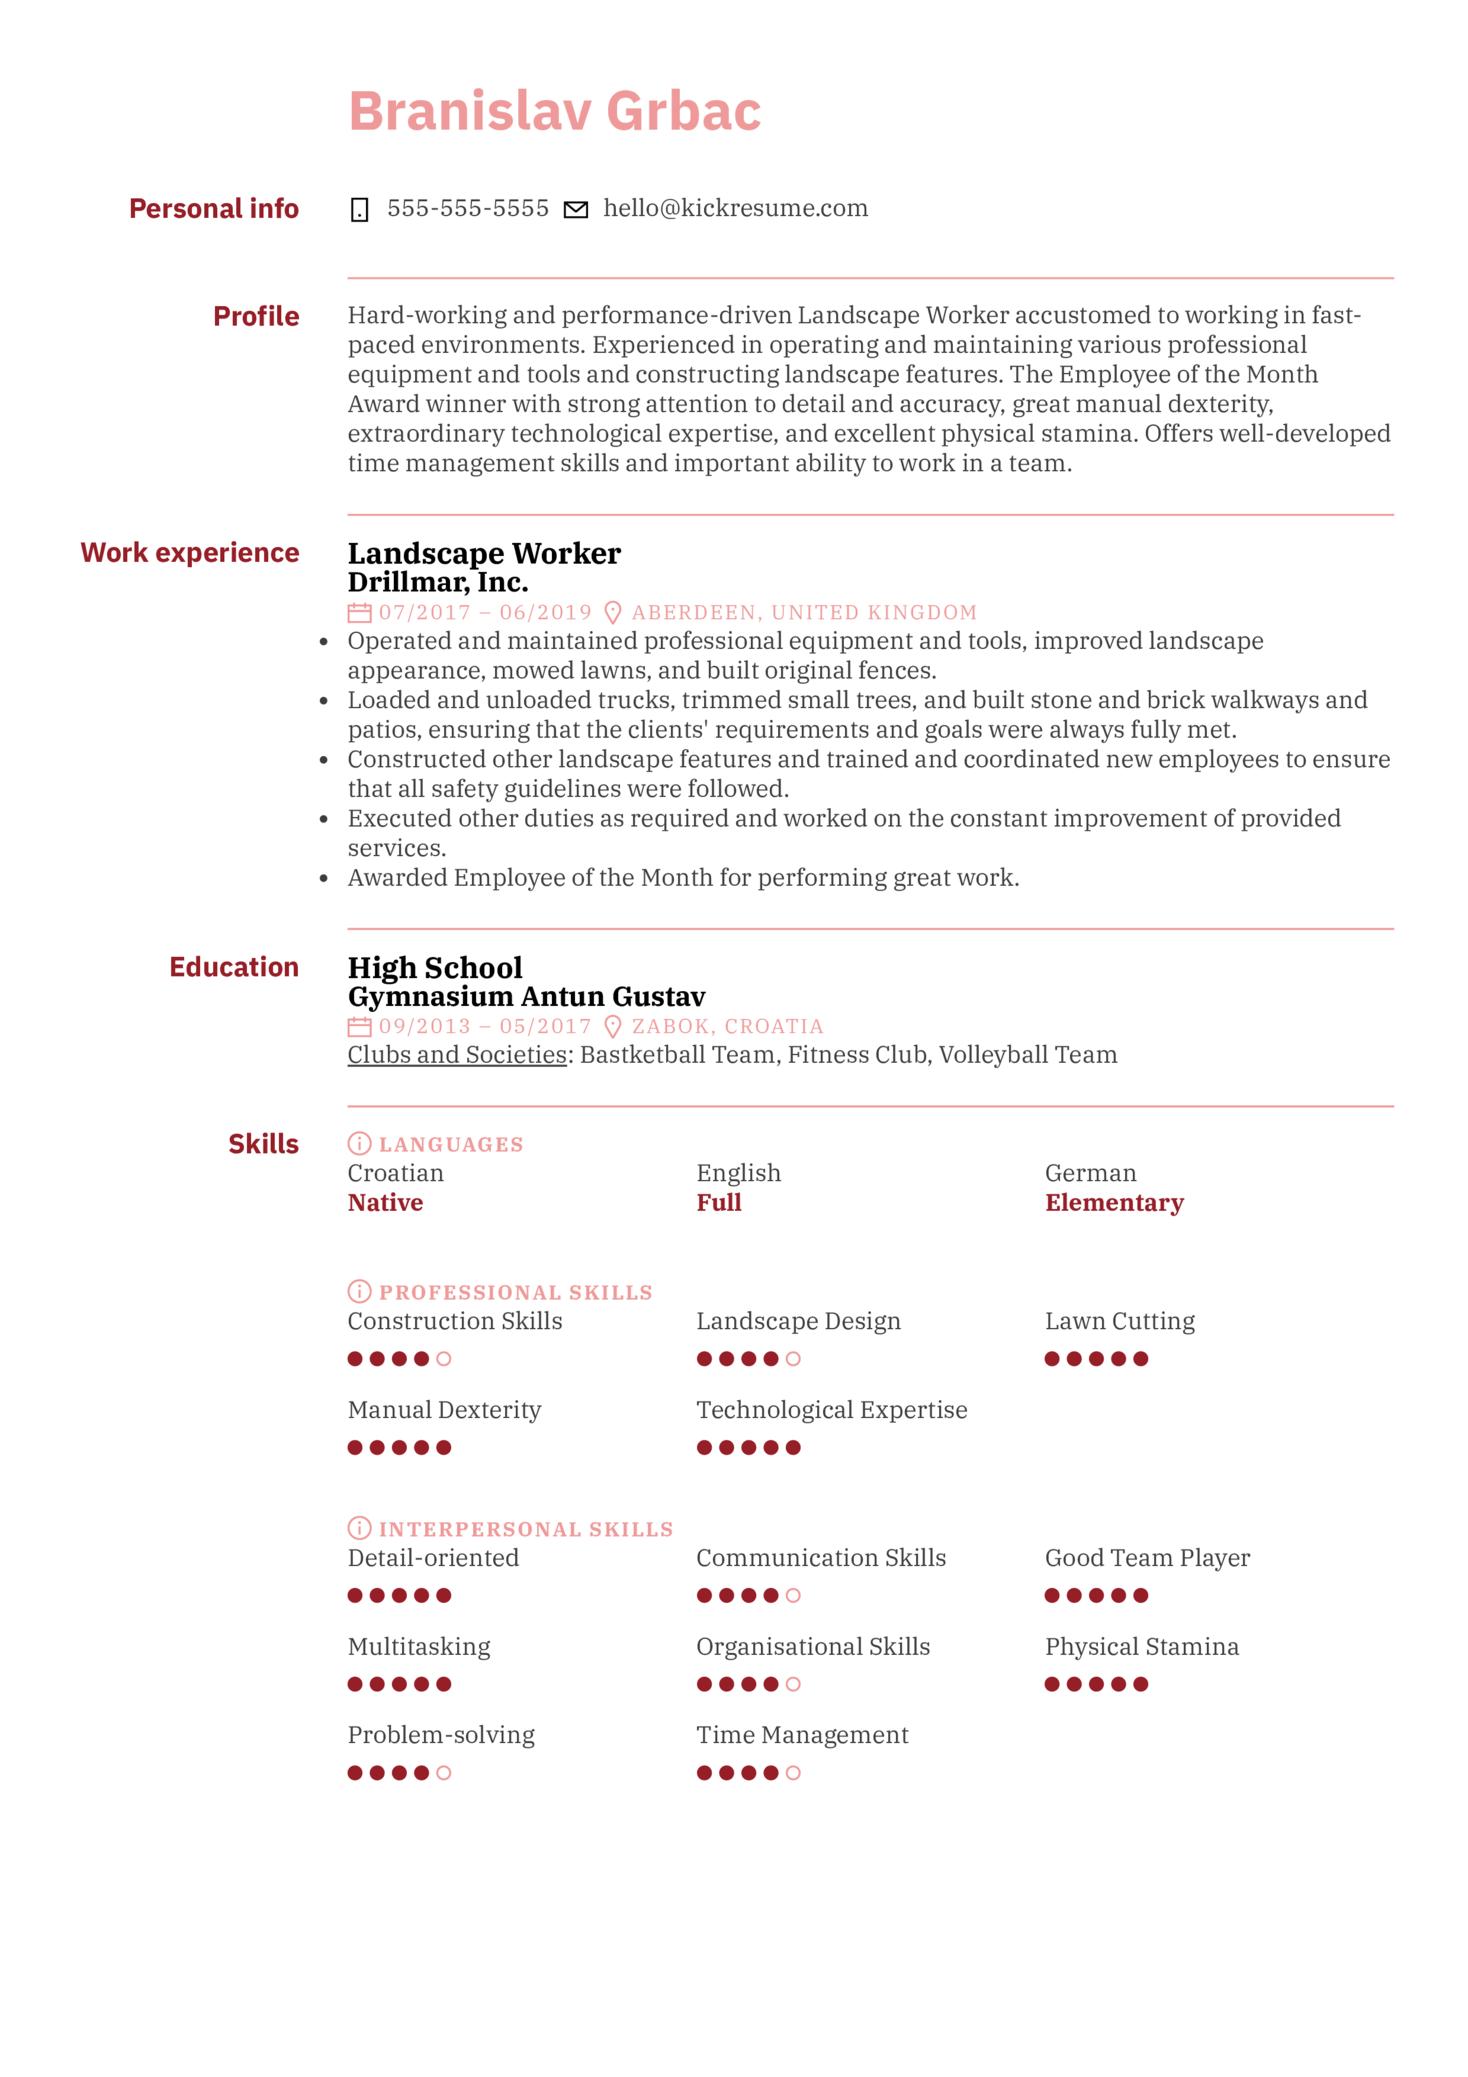 Landscape Worker Resume Sample (Teil 1)